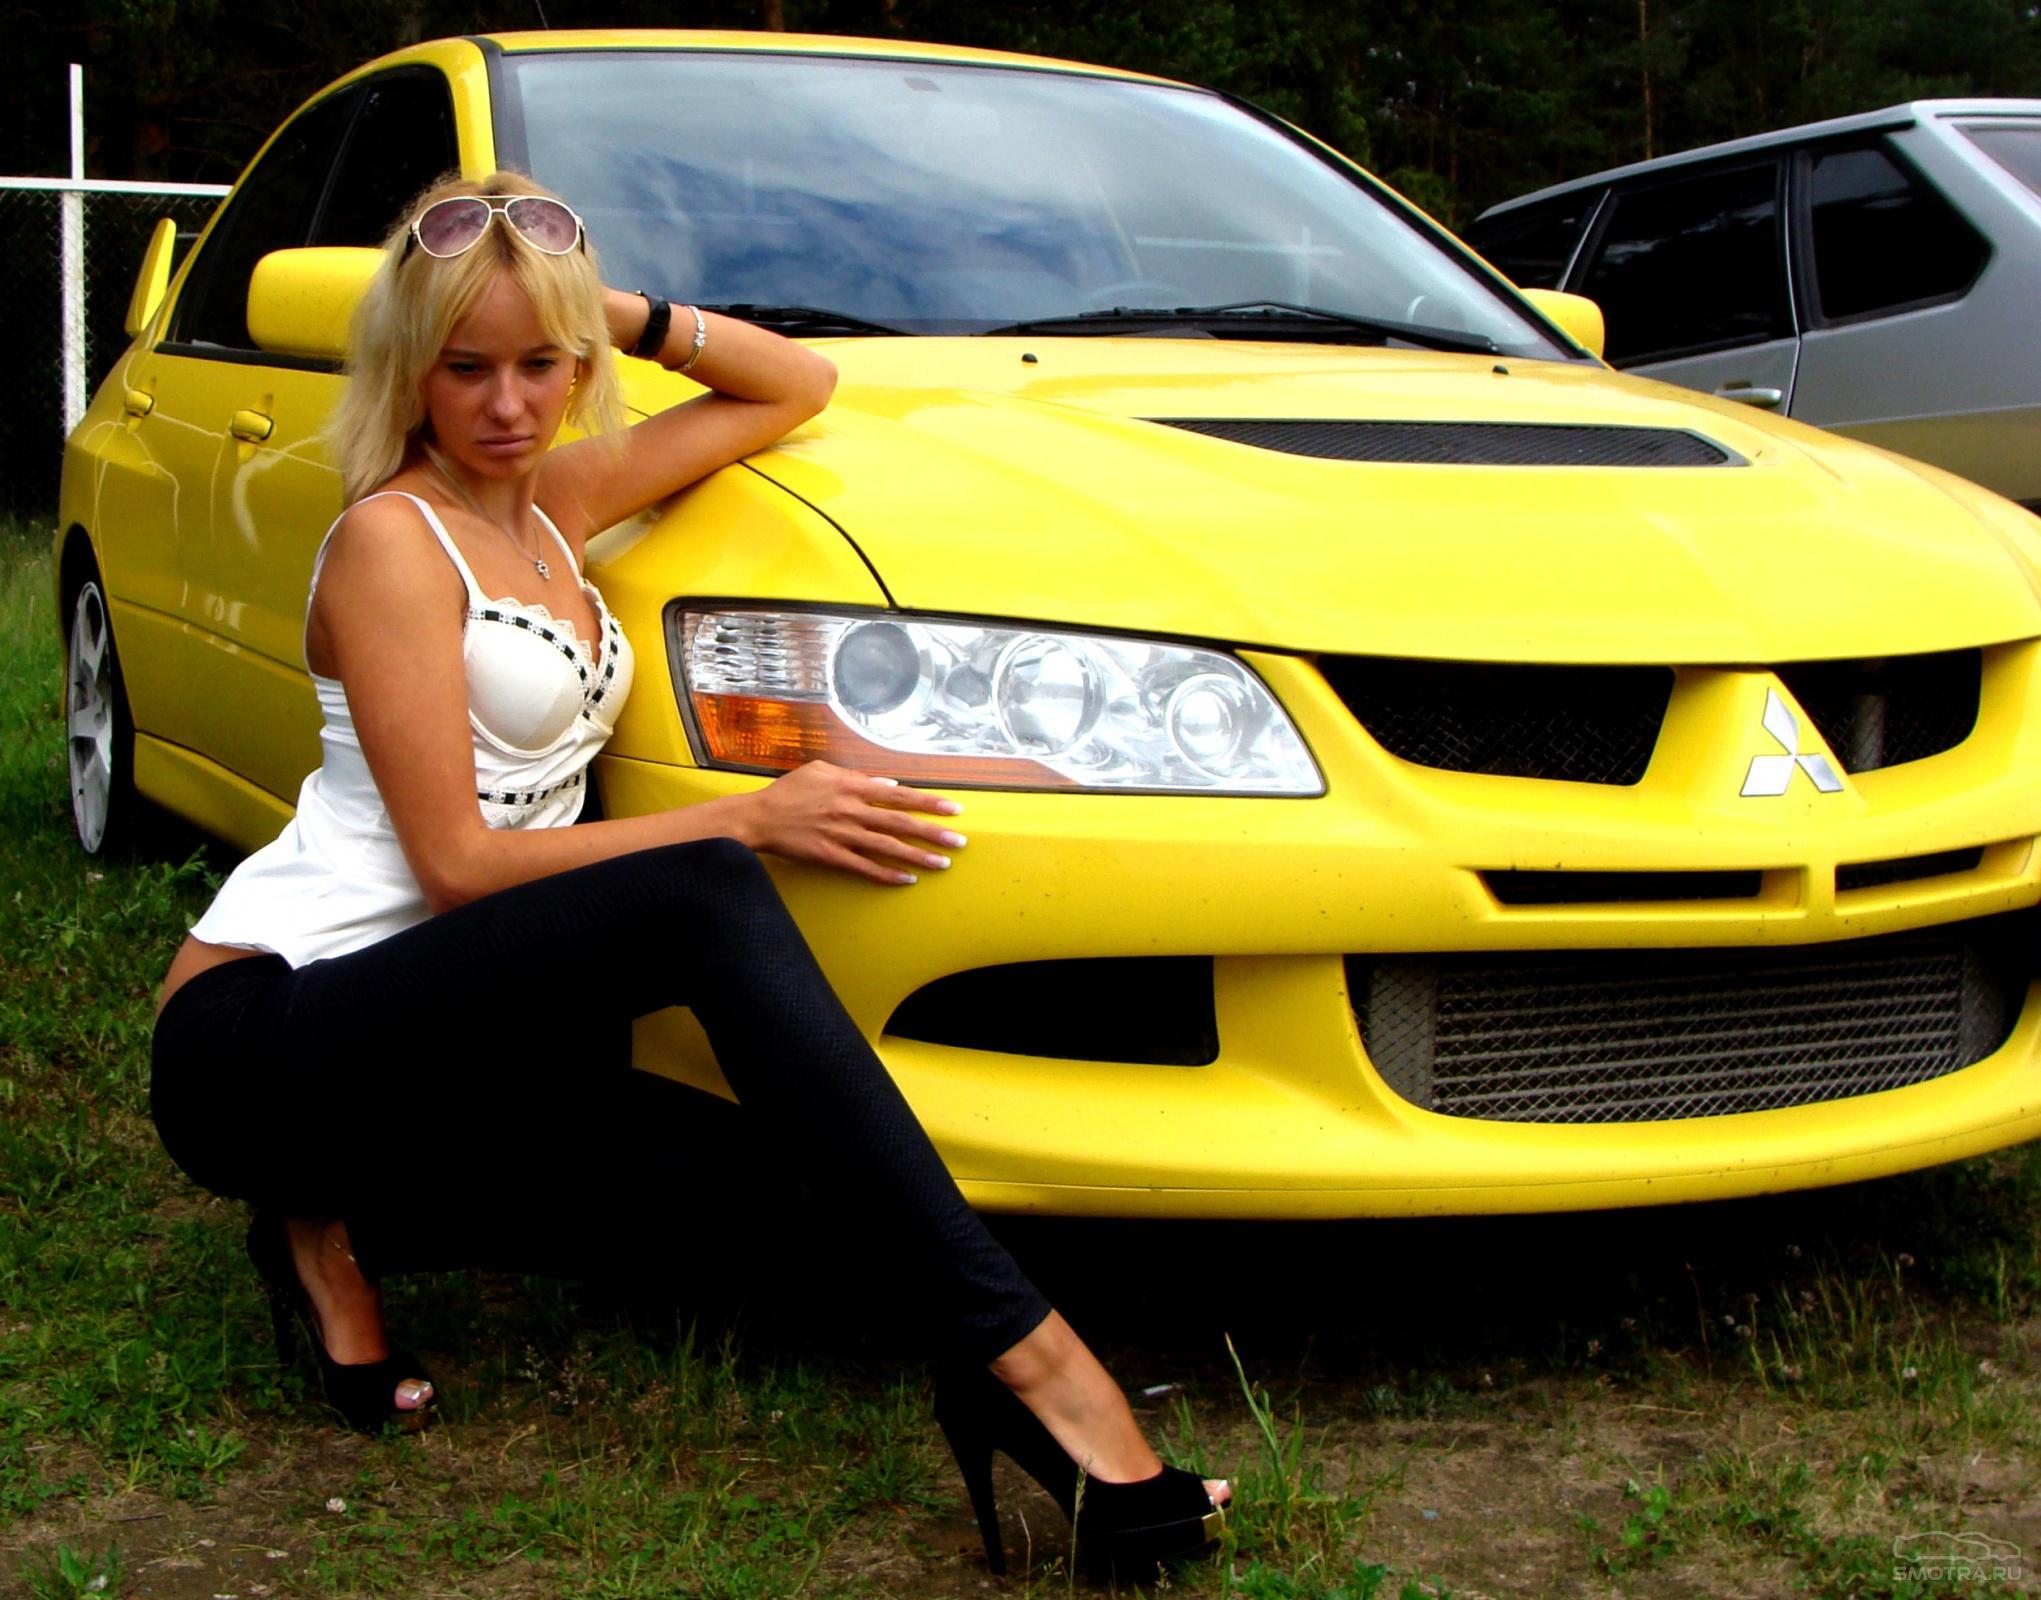 Фото машин и девушек машины русские